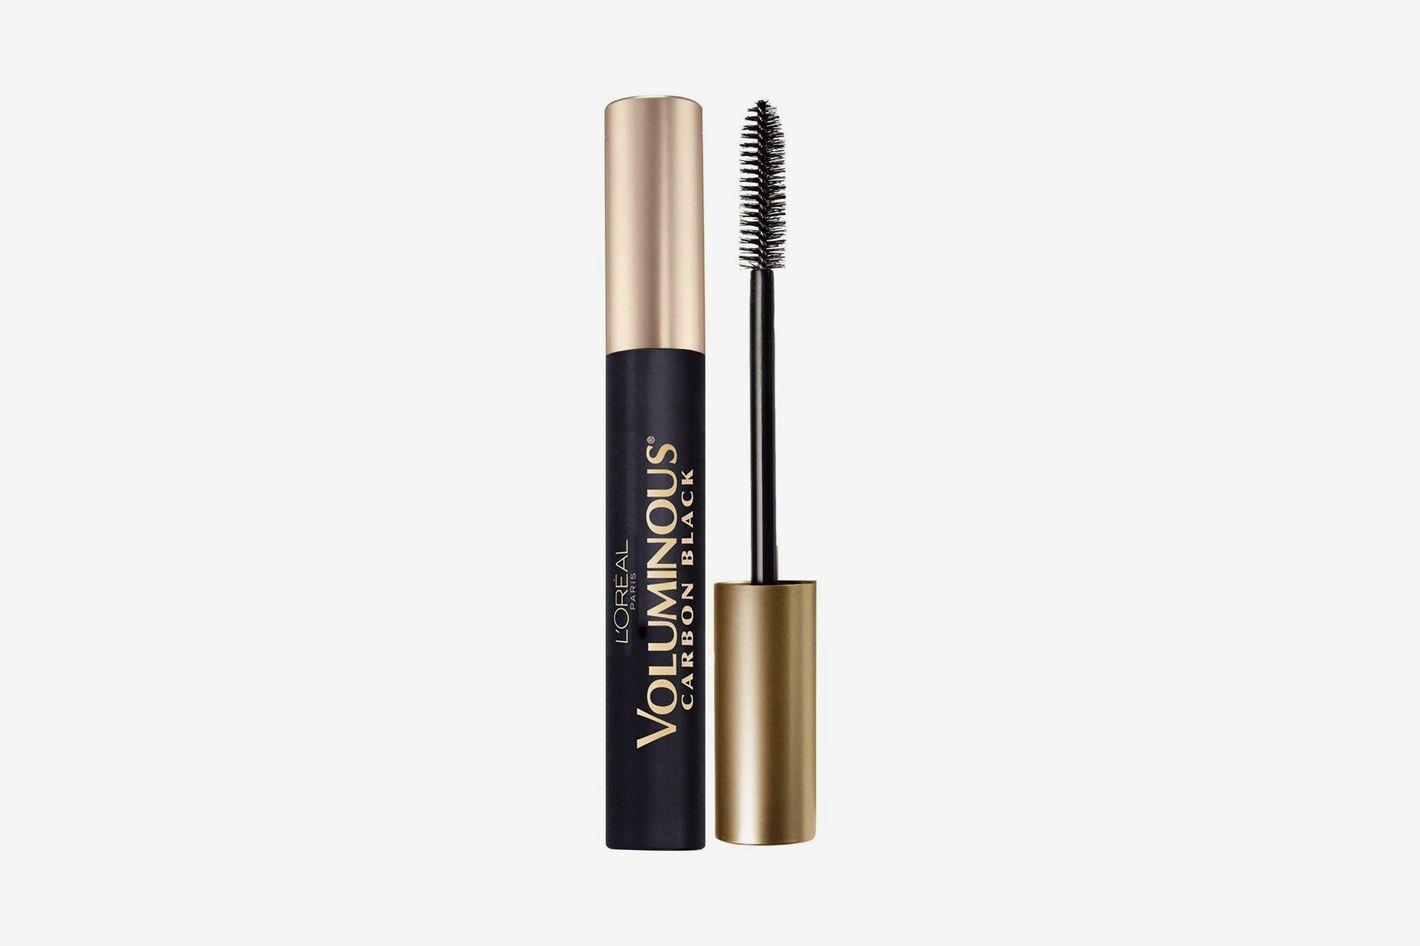 L'Oréal Paris Carbon Black Voluminous Volume Building Mascara in Carbon Black